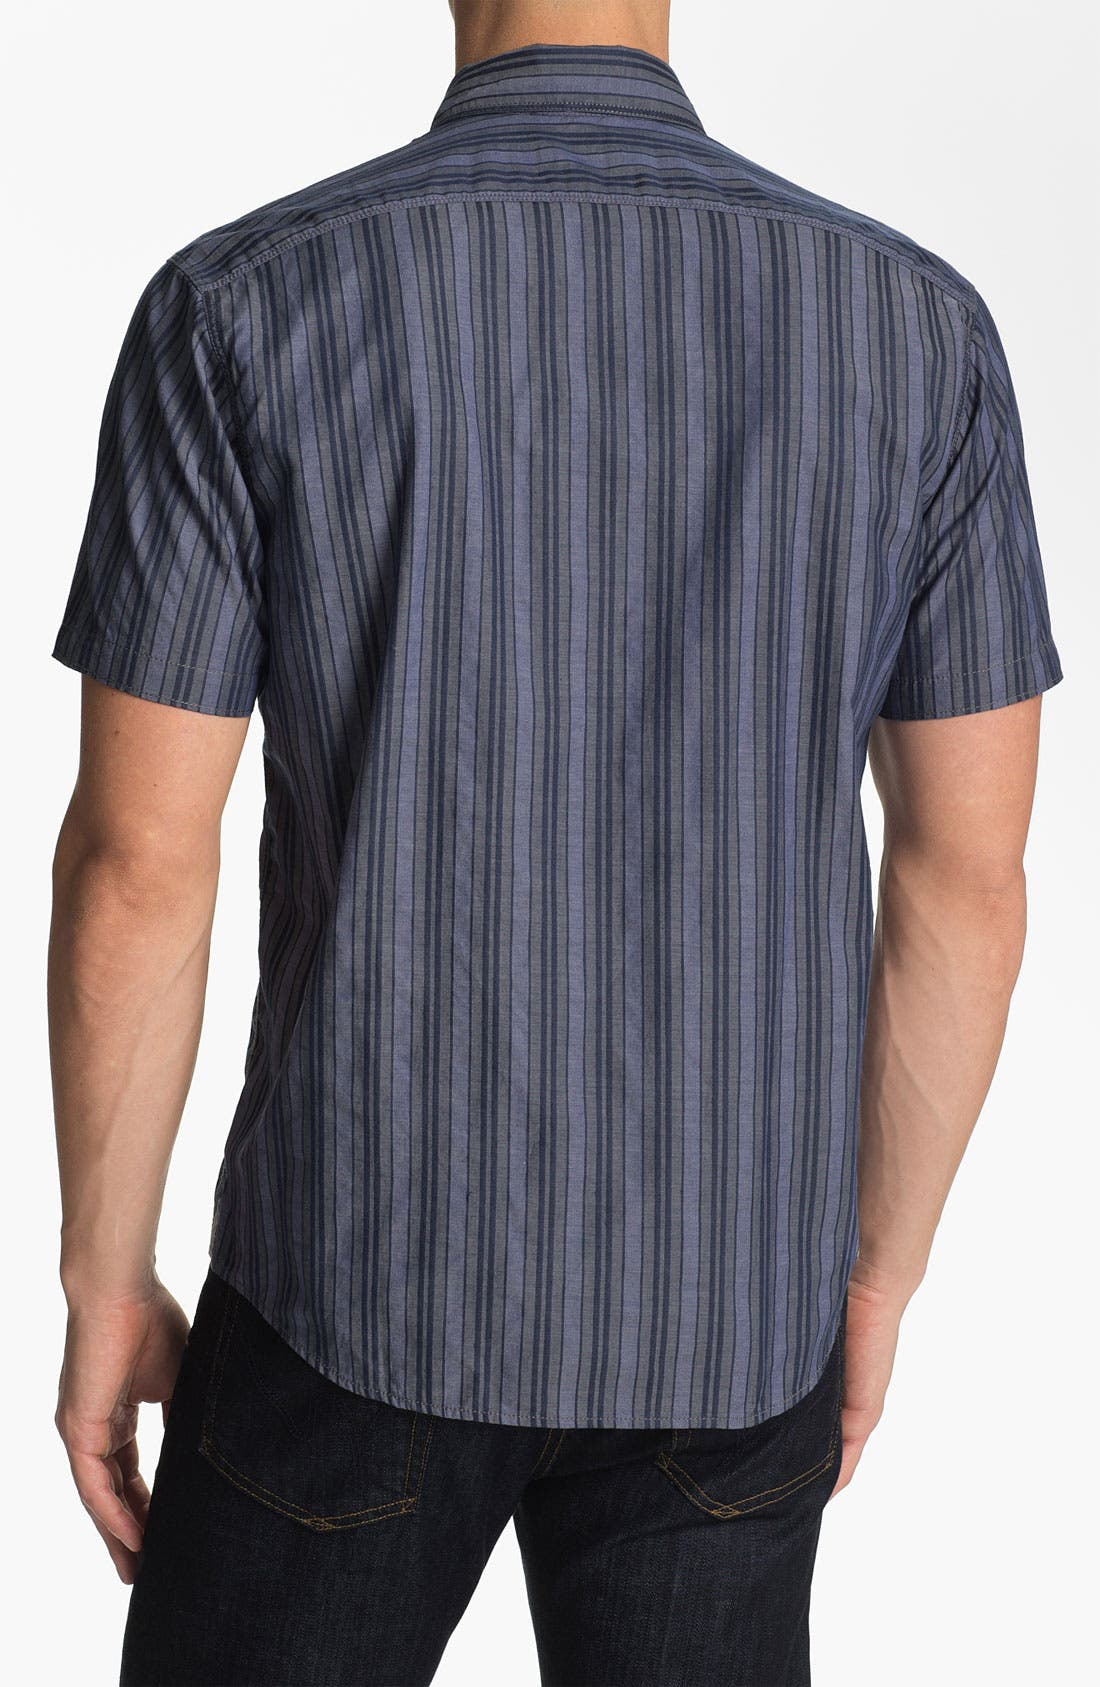 Alternate Image 2  - Cutter & Buck 'Meyer Stripe' Regular Fit Sport Shirt (Big & Tall)